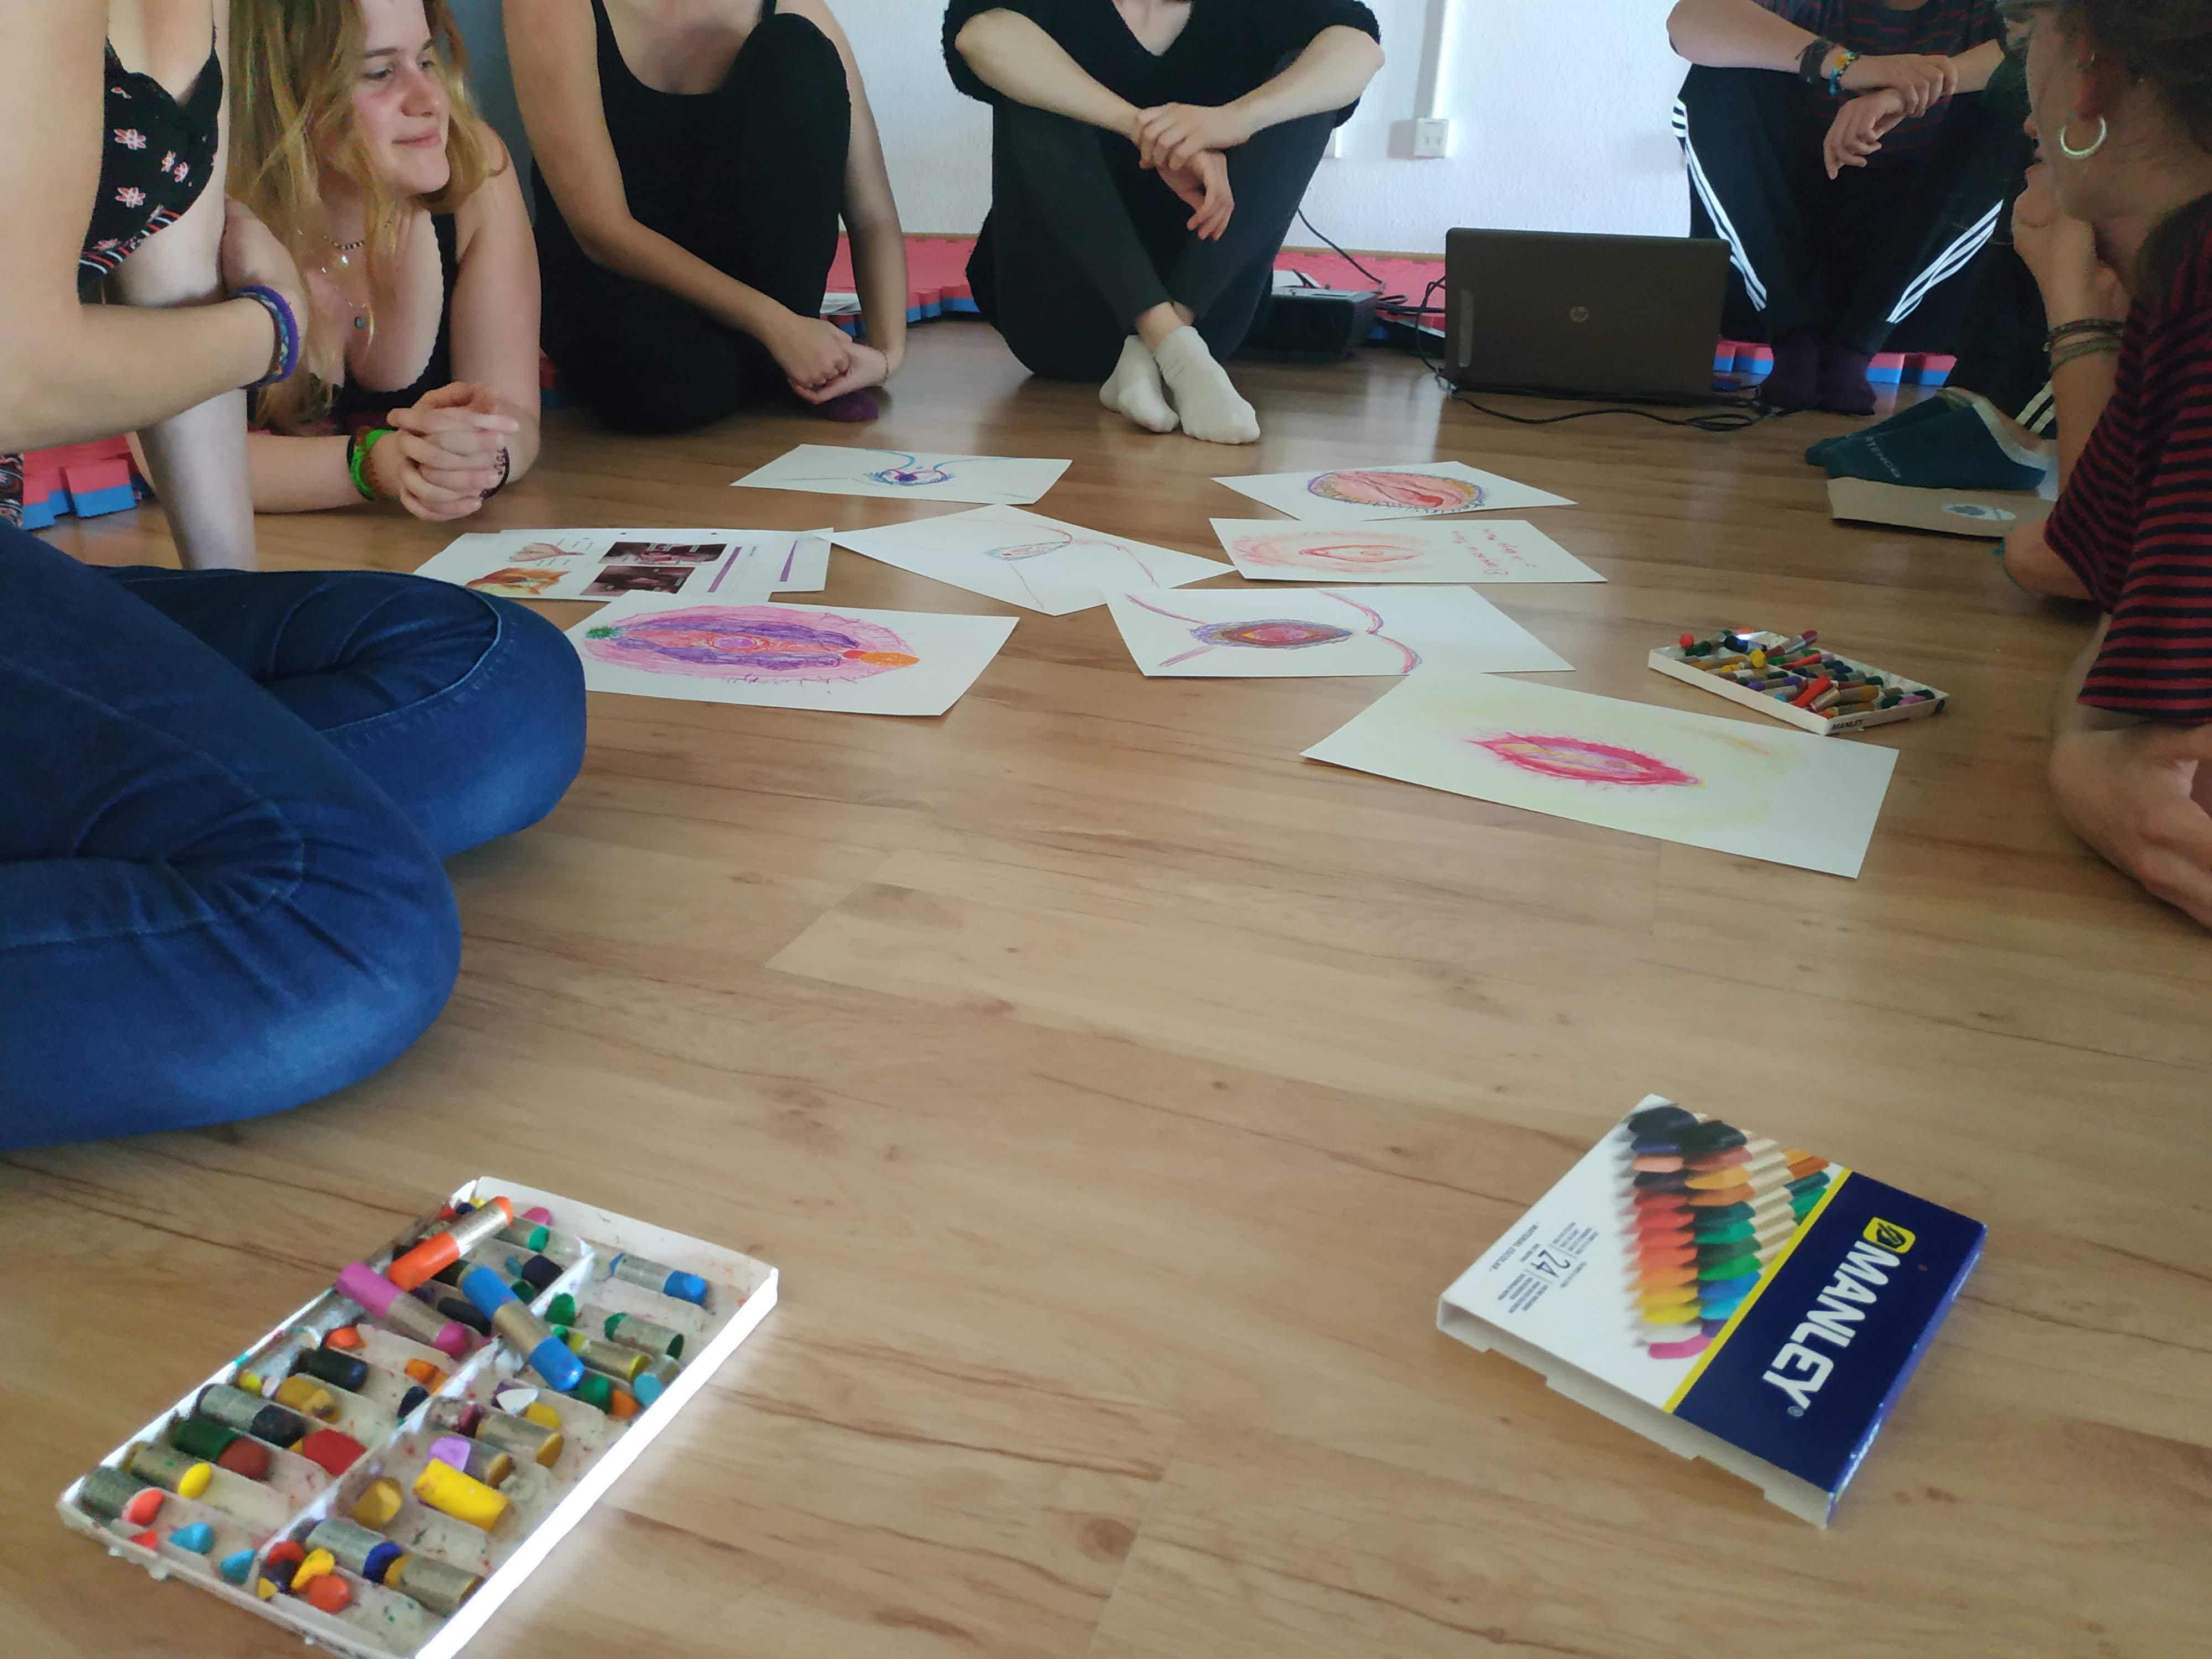 Taller d'autoconeixement del cos i de la sexualitat de la dona | Centre  Cívic El Coll - La Bruguera | Ajuntament de Barcelona